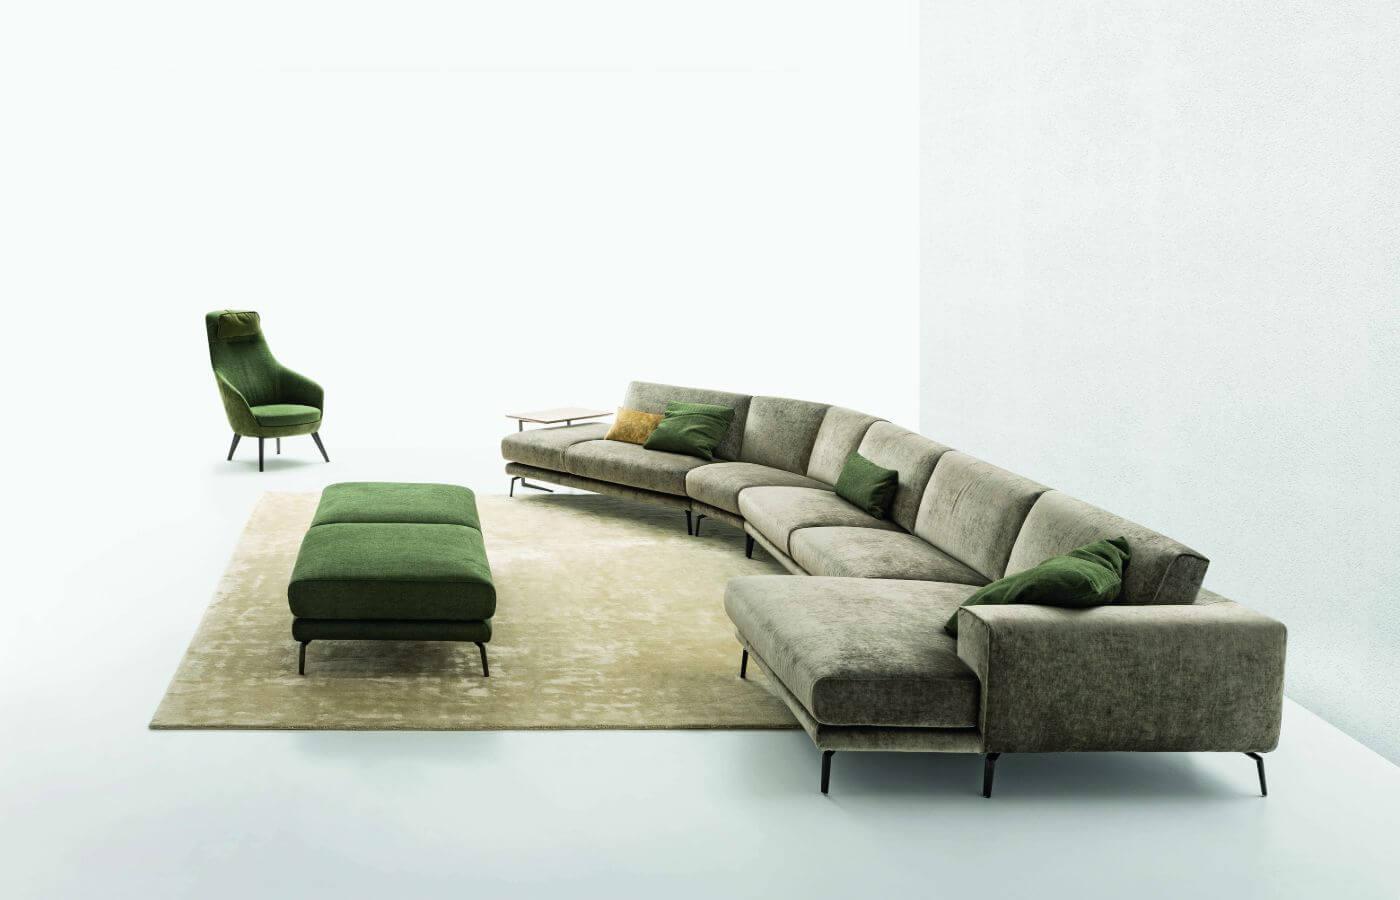 divano-terminale-inclinato-penisola-collezione-bora-il-mobile